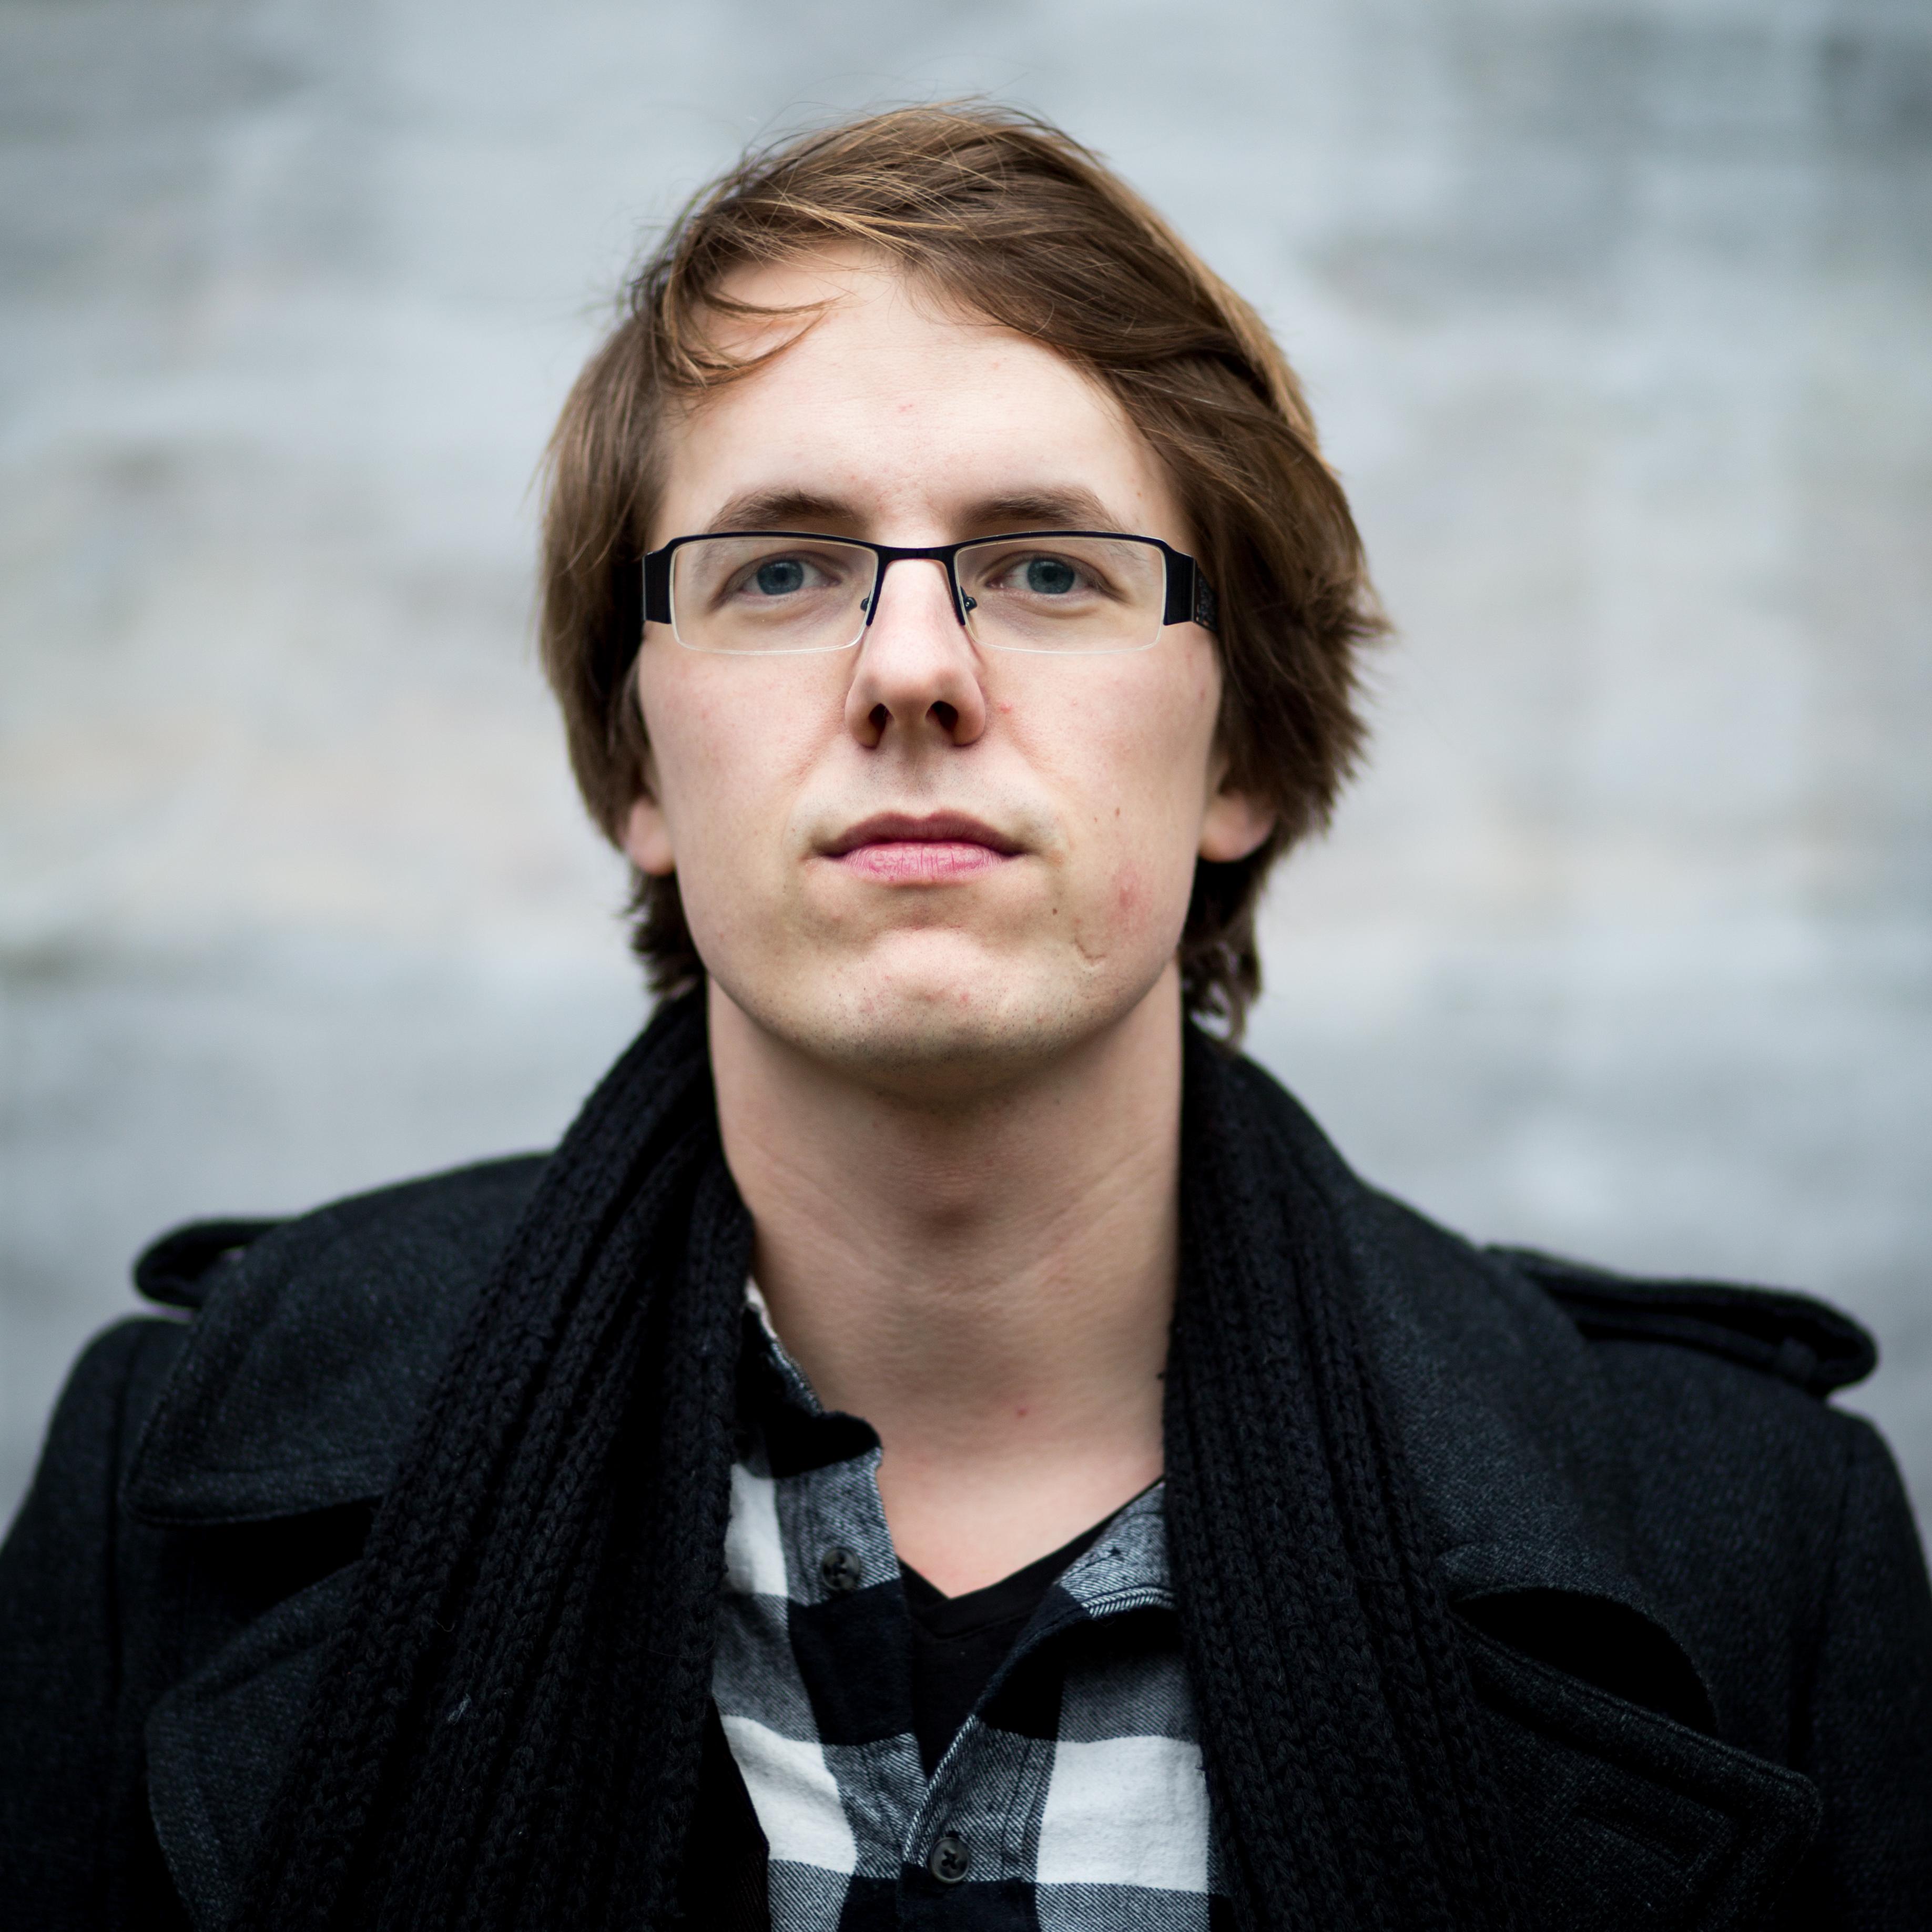 Foto van Maarten Boudry die buiten staat en voor zich uit kijkt, richting de kijker.